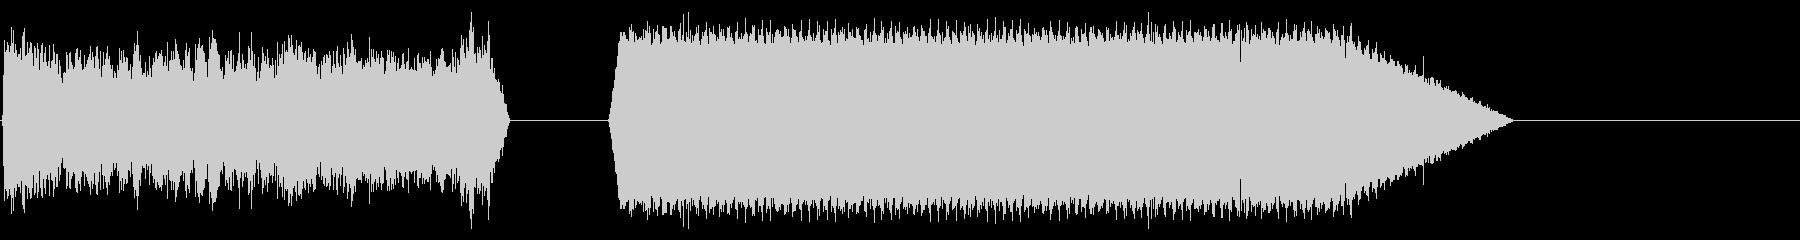 ヘビーサーボパワーX2の未再生の波形